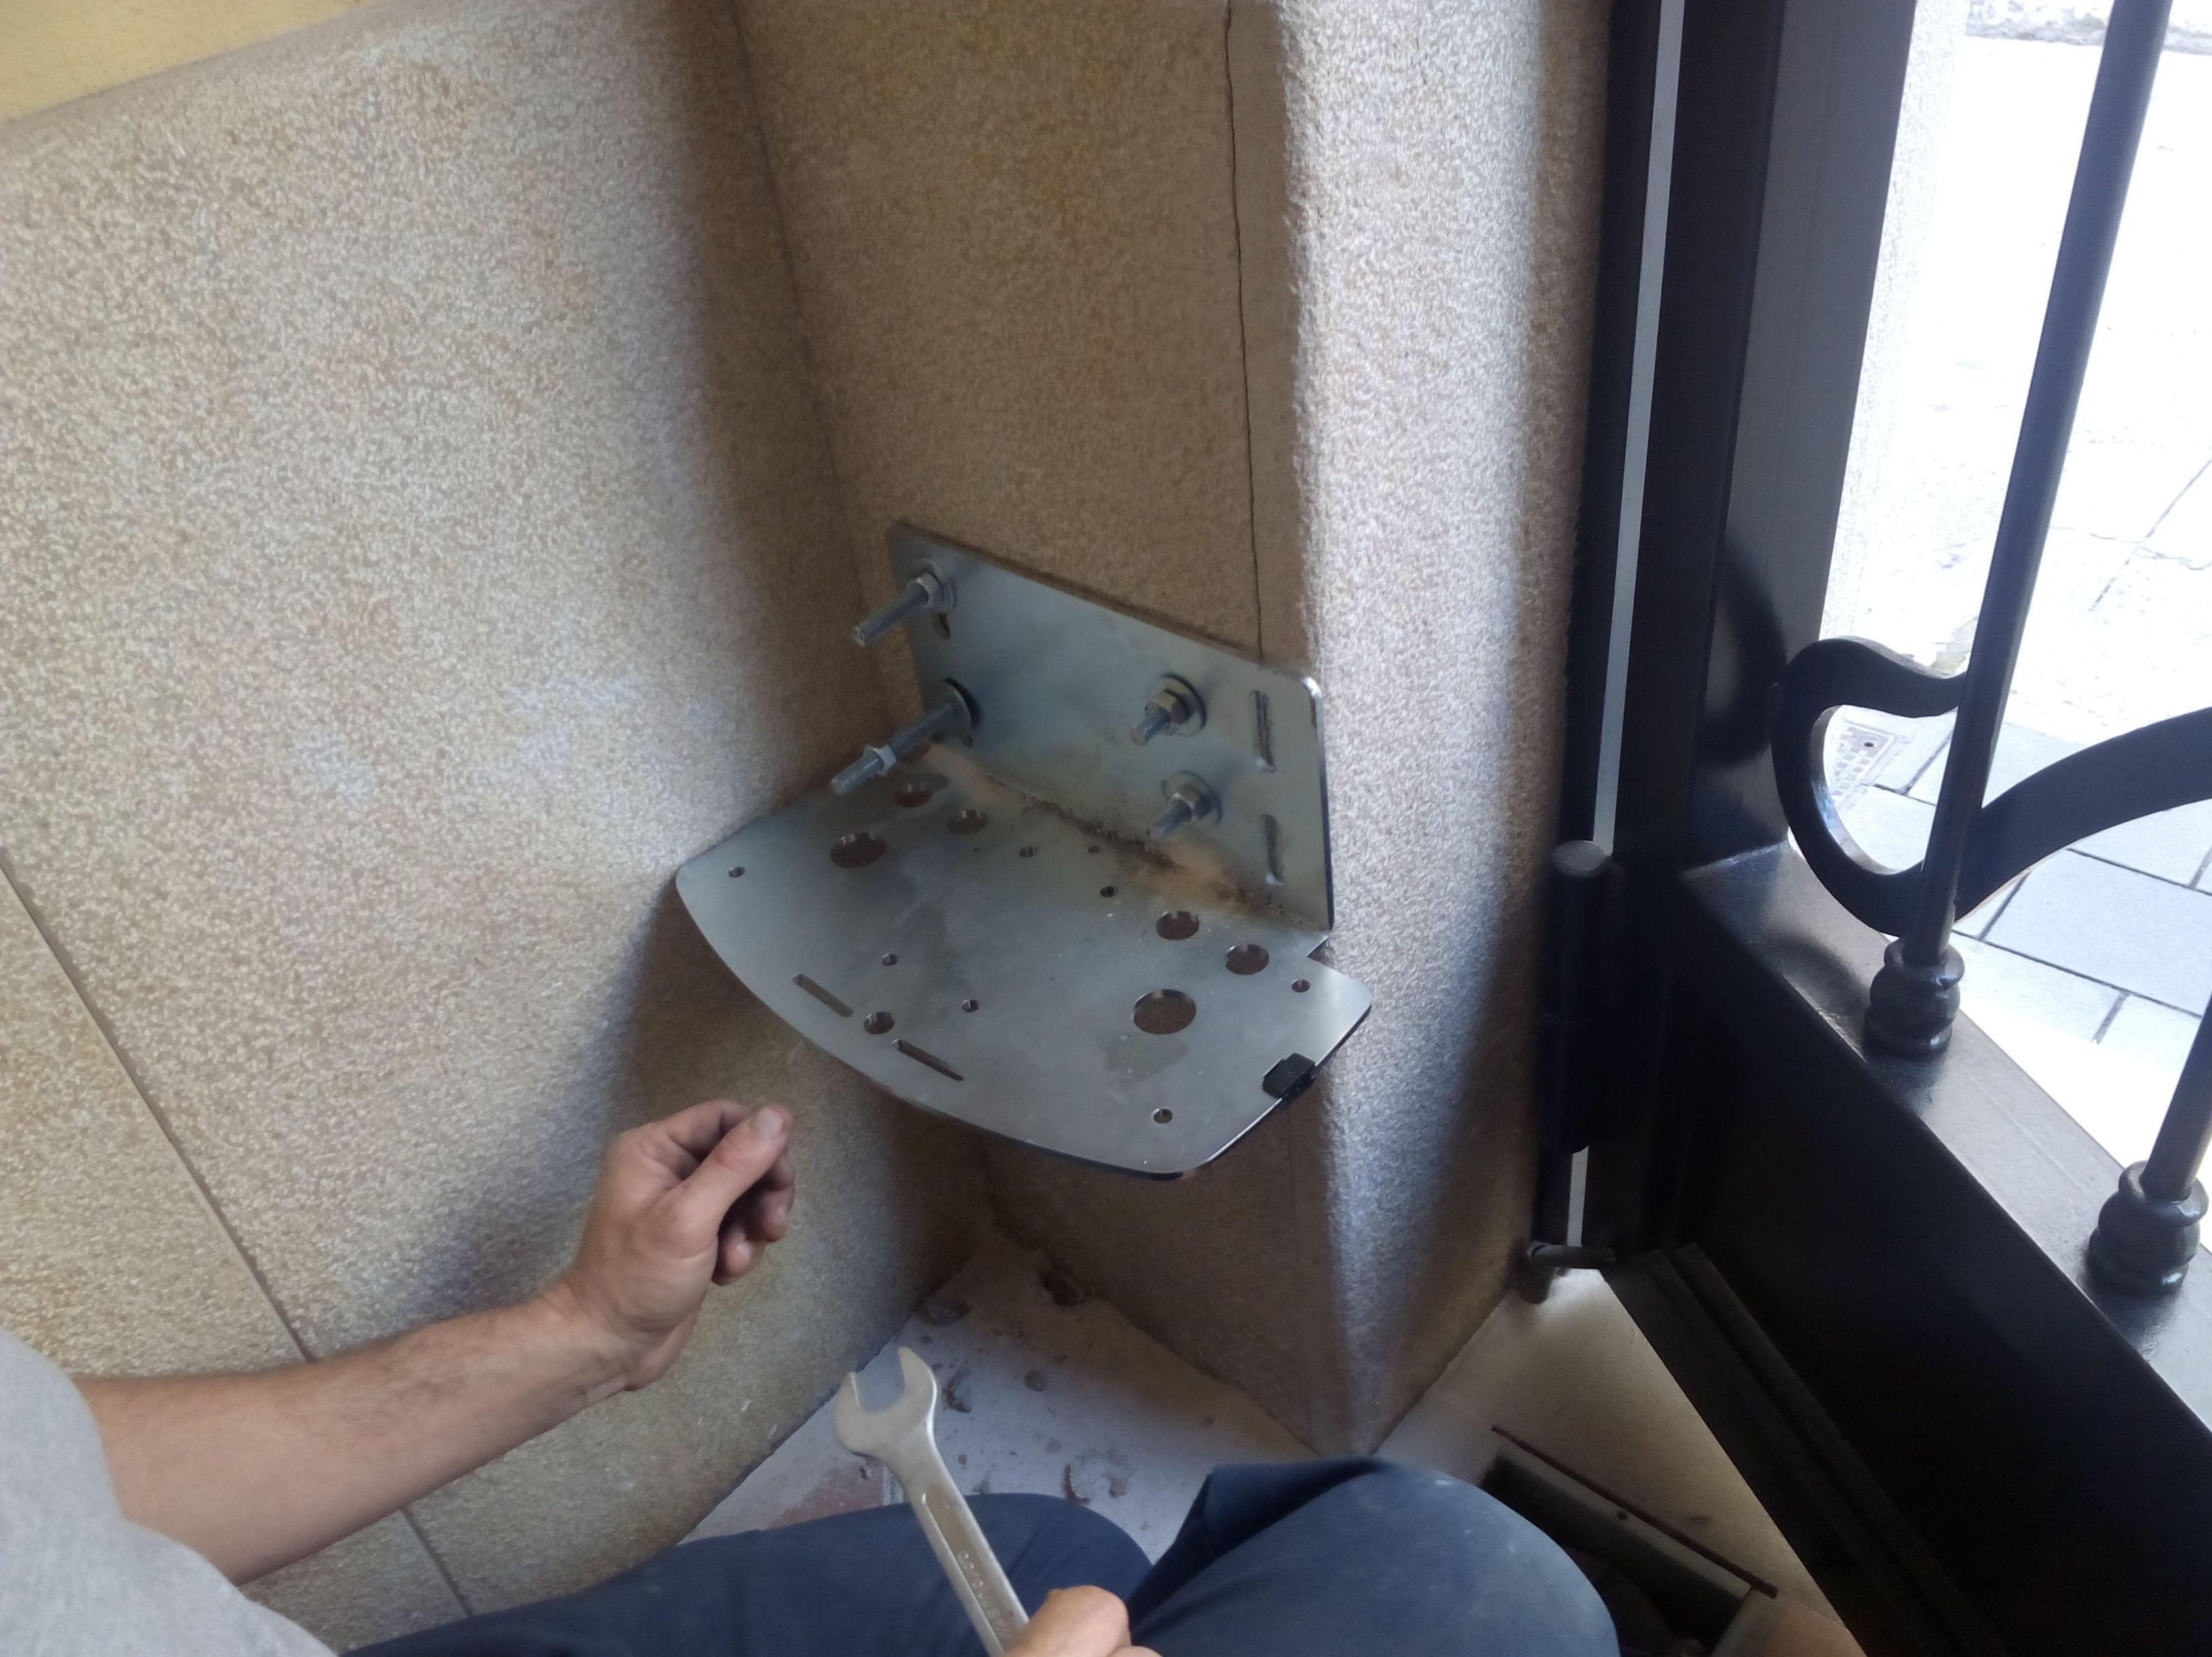 Espacio para placa motor puerta batiente articulado